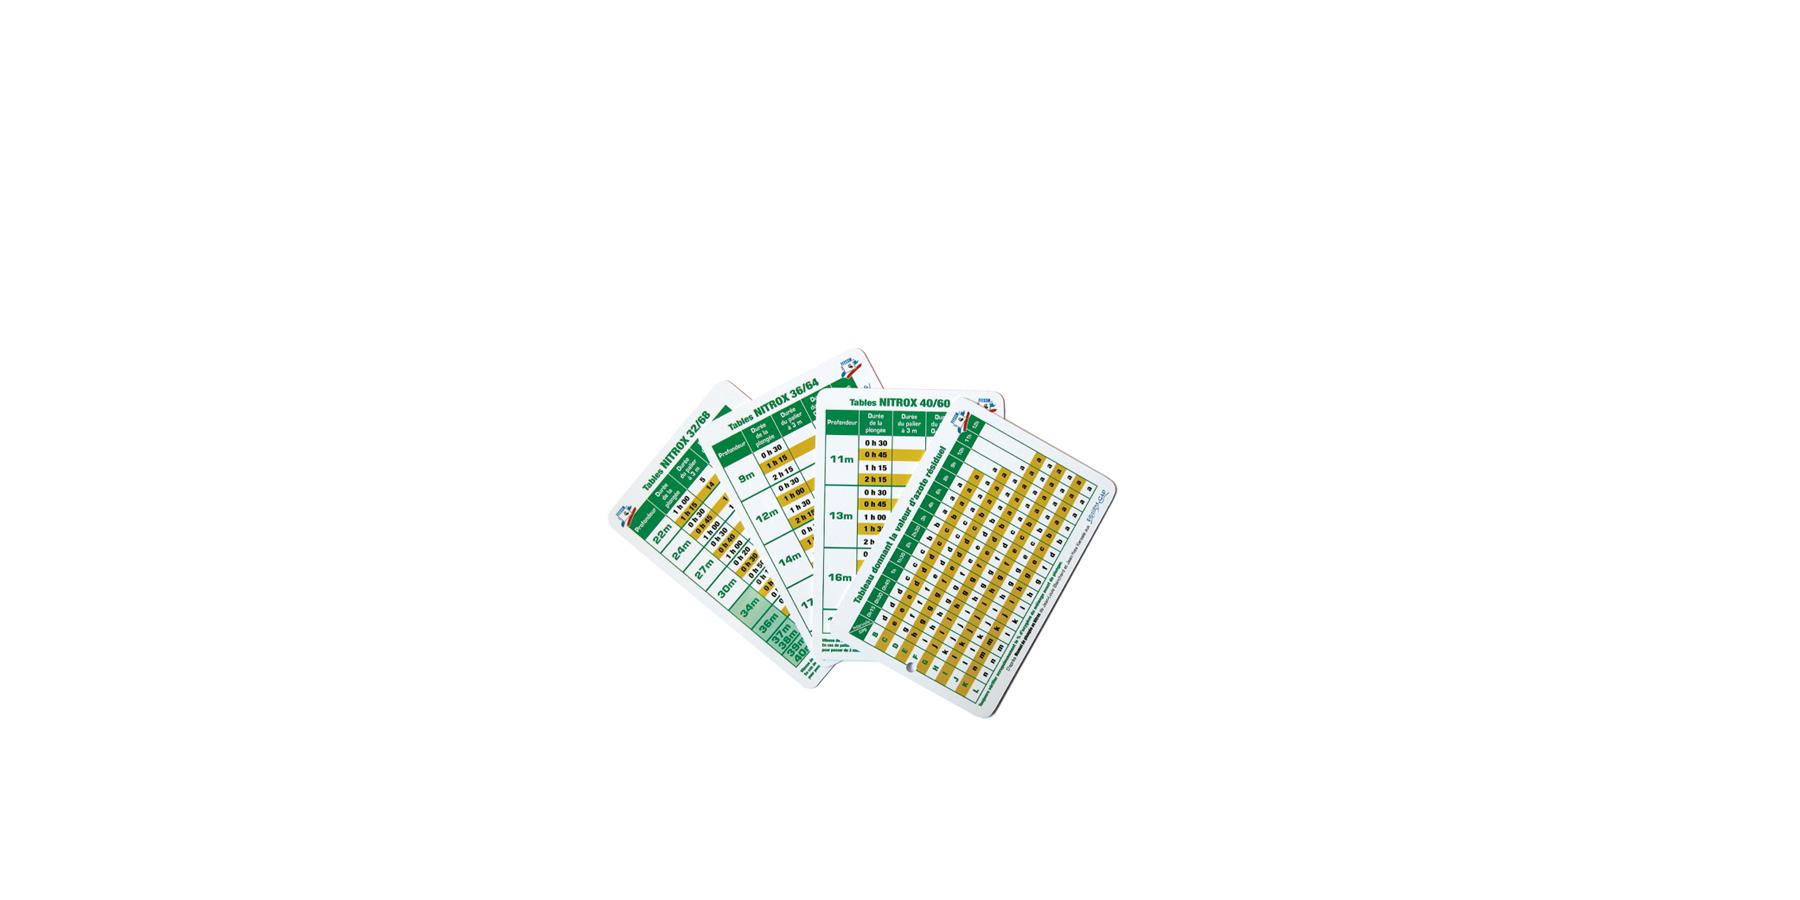 Tables de d compression pour la plong e au nitrox plongez - Table nationale de codage de biologie ...